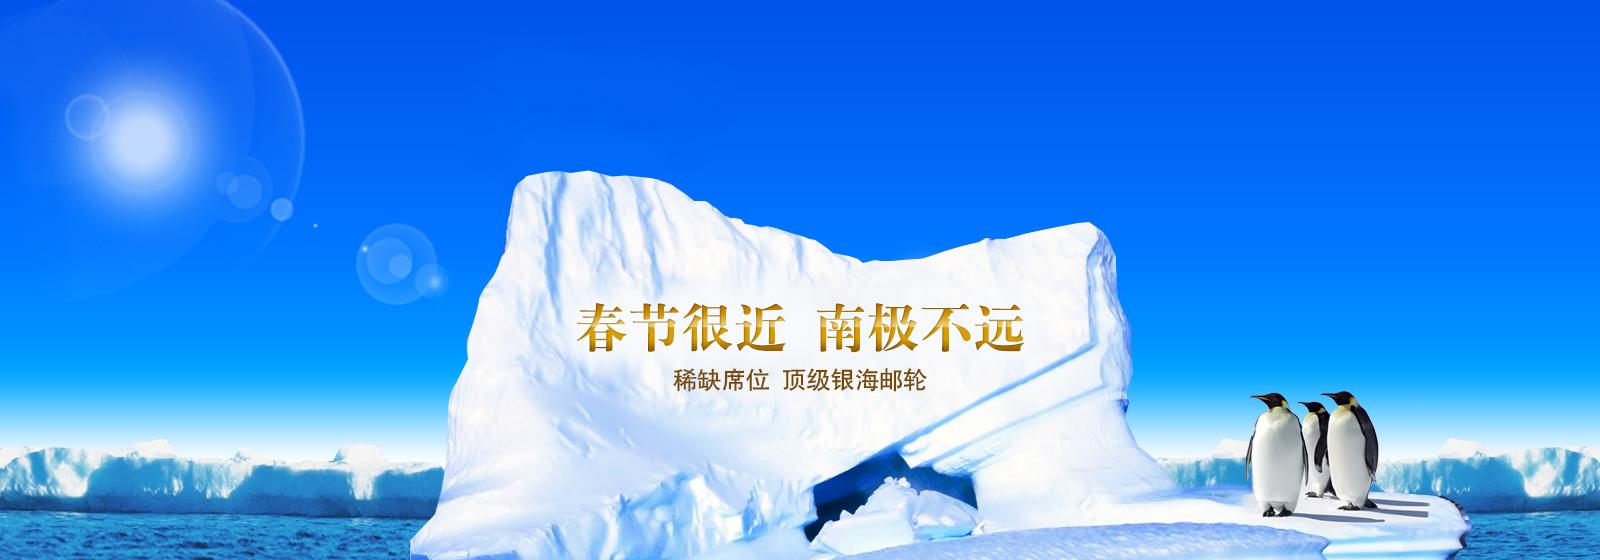 春节南极银海邮轮